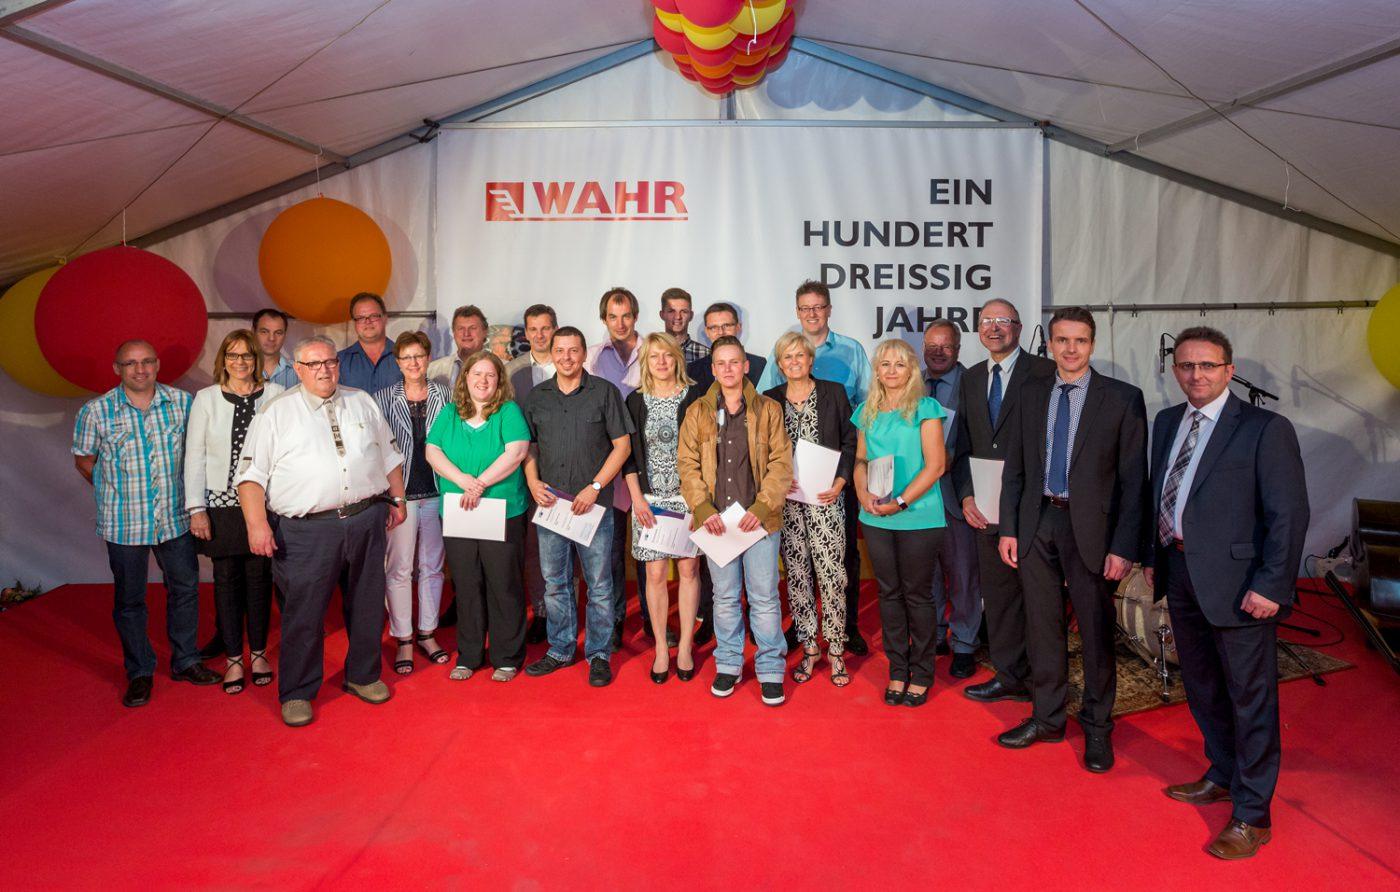 325 Jahrefeier » Fritz Wahr Energie